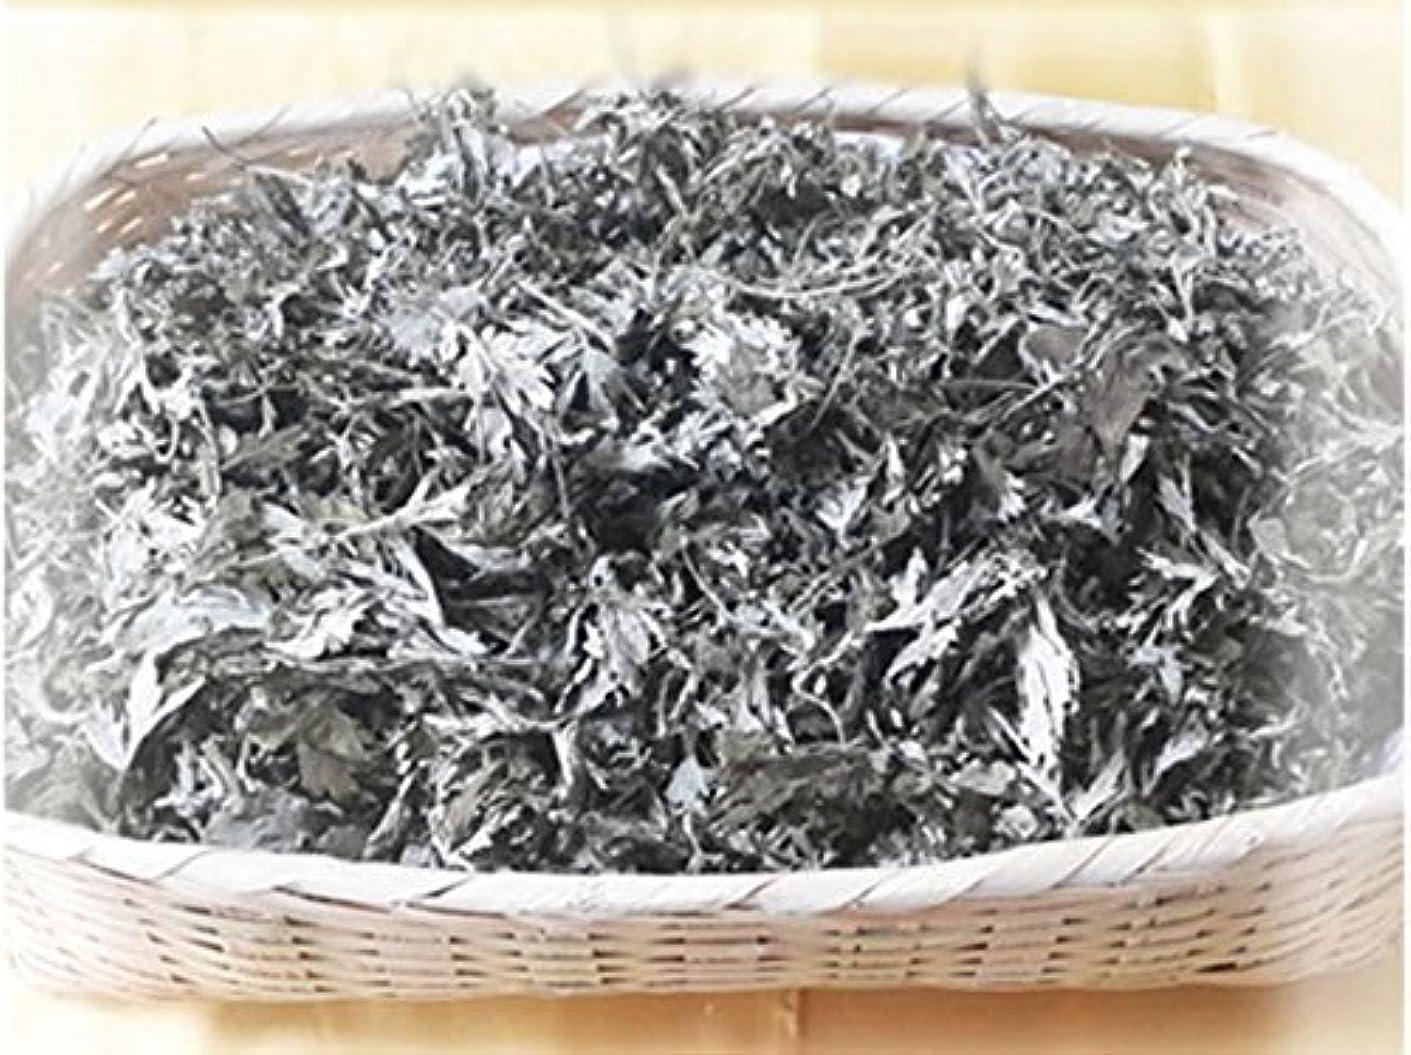 オペラ凝視病んでいるヨモギ蒸し材料100%ヨモギ300グラム、、ヨモギ蒸し材料と入浴剤として